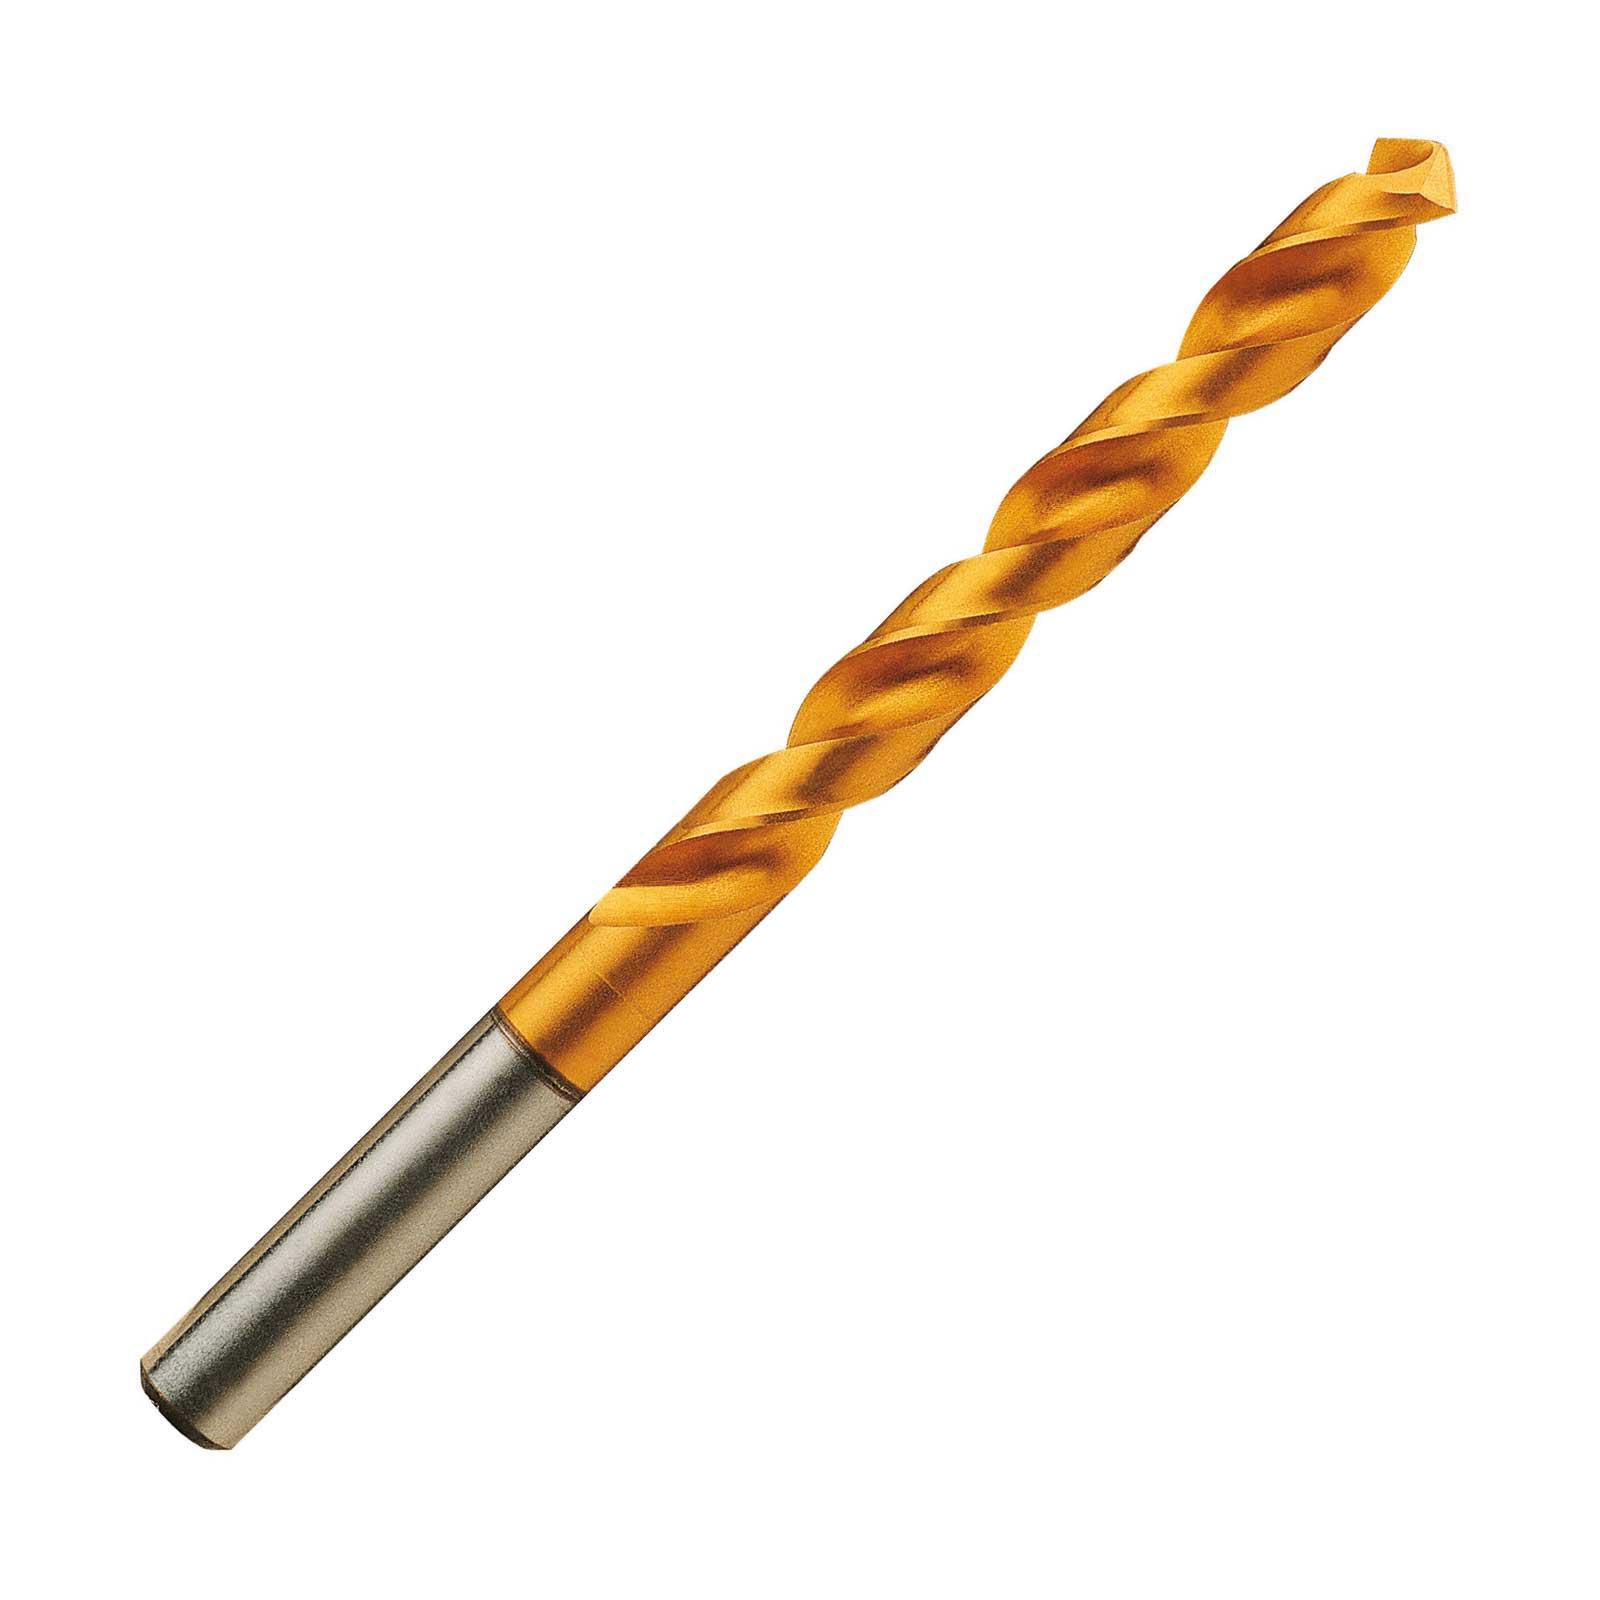 Osborn 810434 HPD-SUS HSS Vanadium TiN Coated (Stainless) 5xD Jobber Drill.